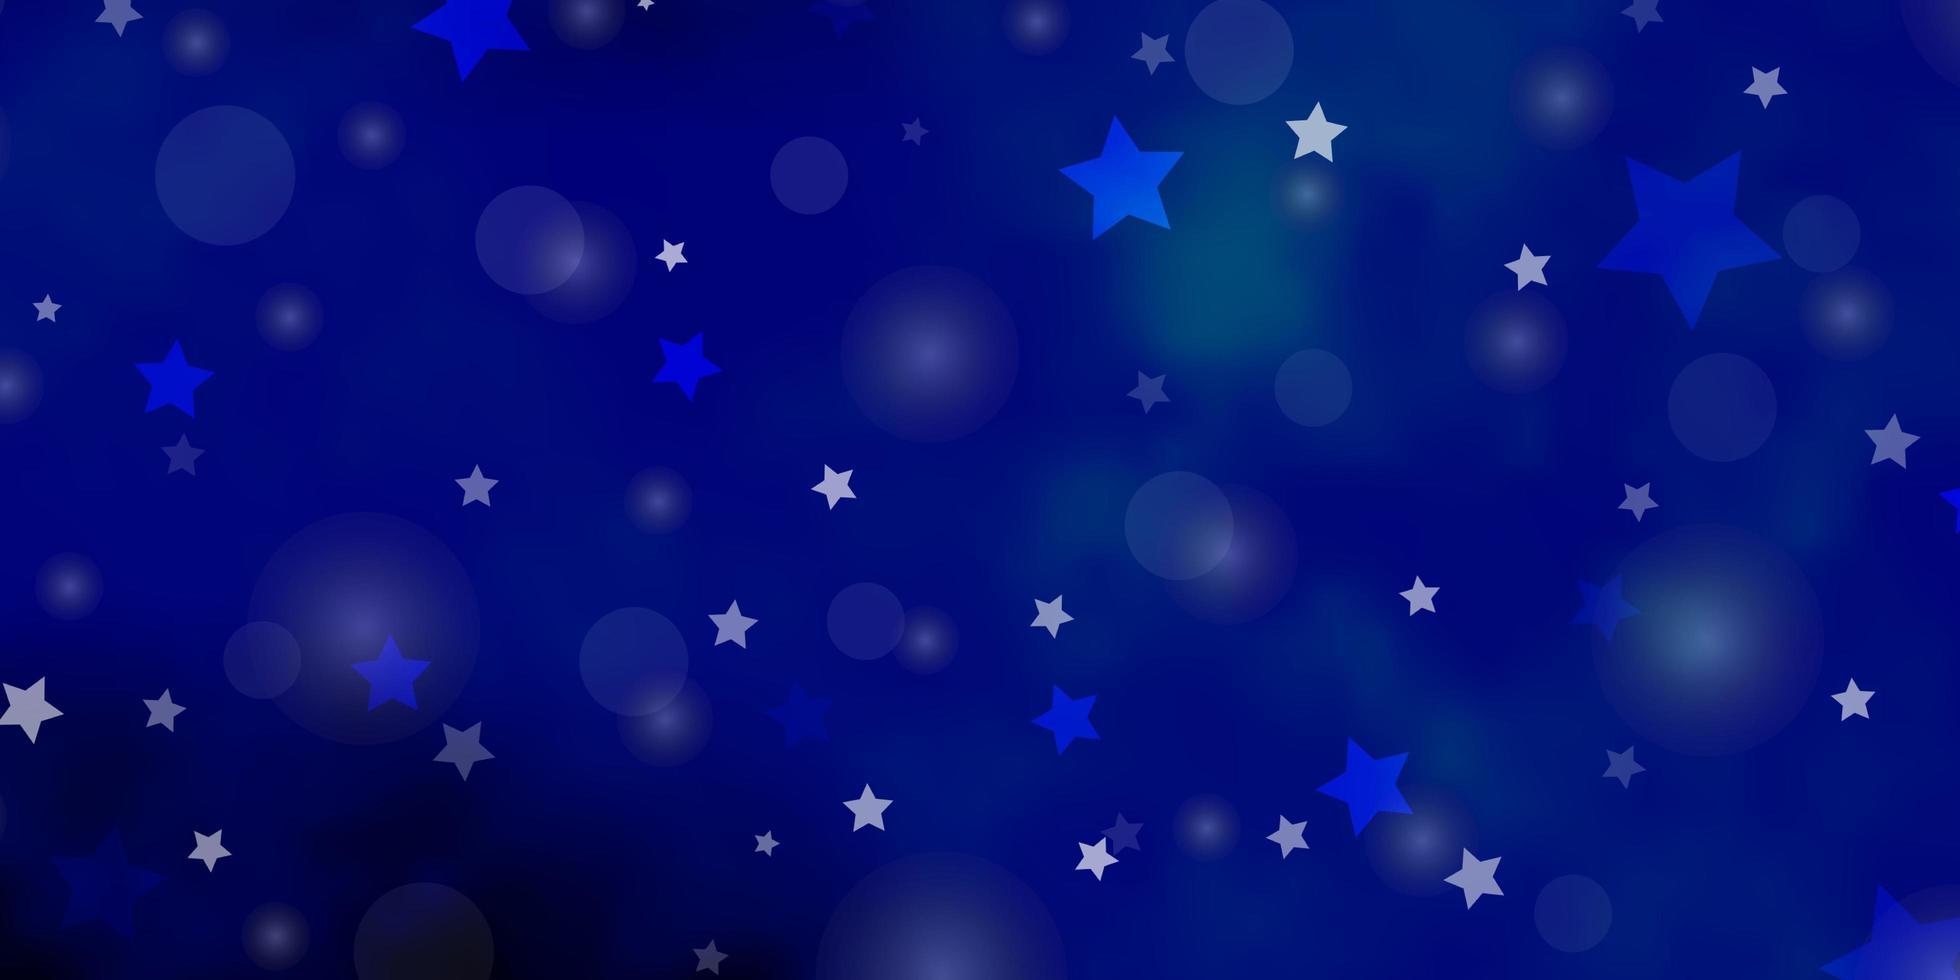 Fondo de vector azul oscuro con círculos, estrellas.